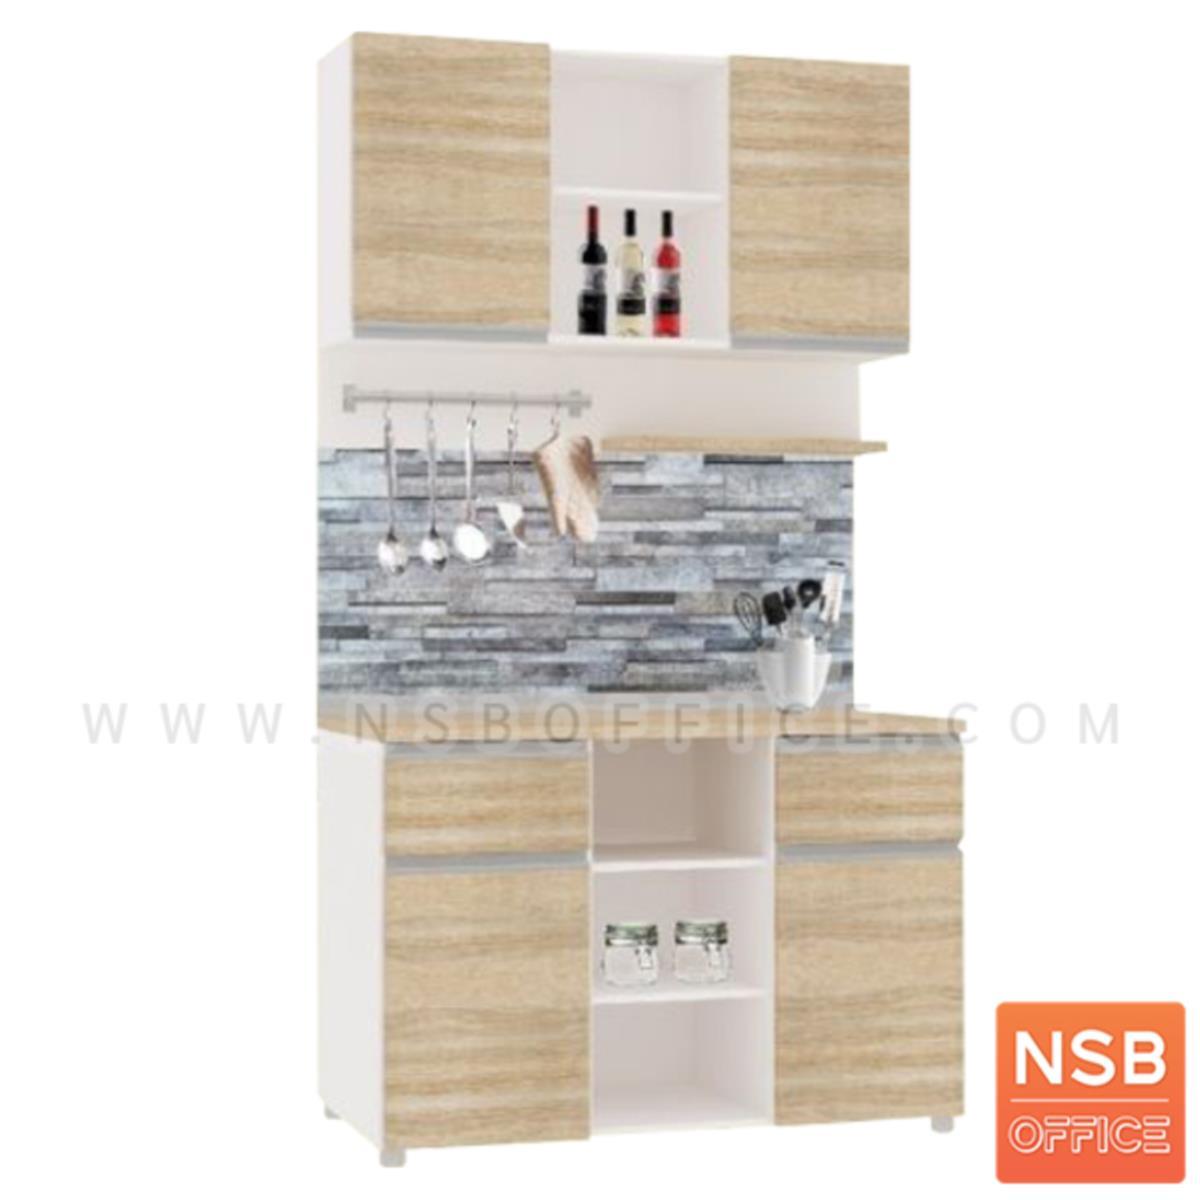 K05A013:ชุดตู้ครัวพร้อมตู้แขวน 2 บานเปิก 2 ลิ้นชัก รุ่น Brielle (เบรียลลี)  สีเนเจอร์ทีค-ขาว